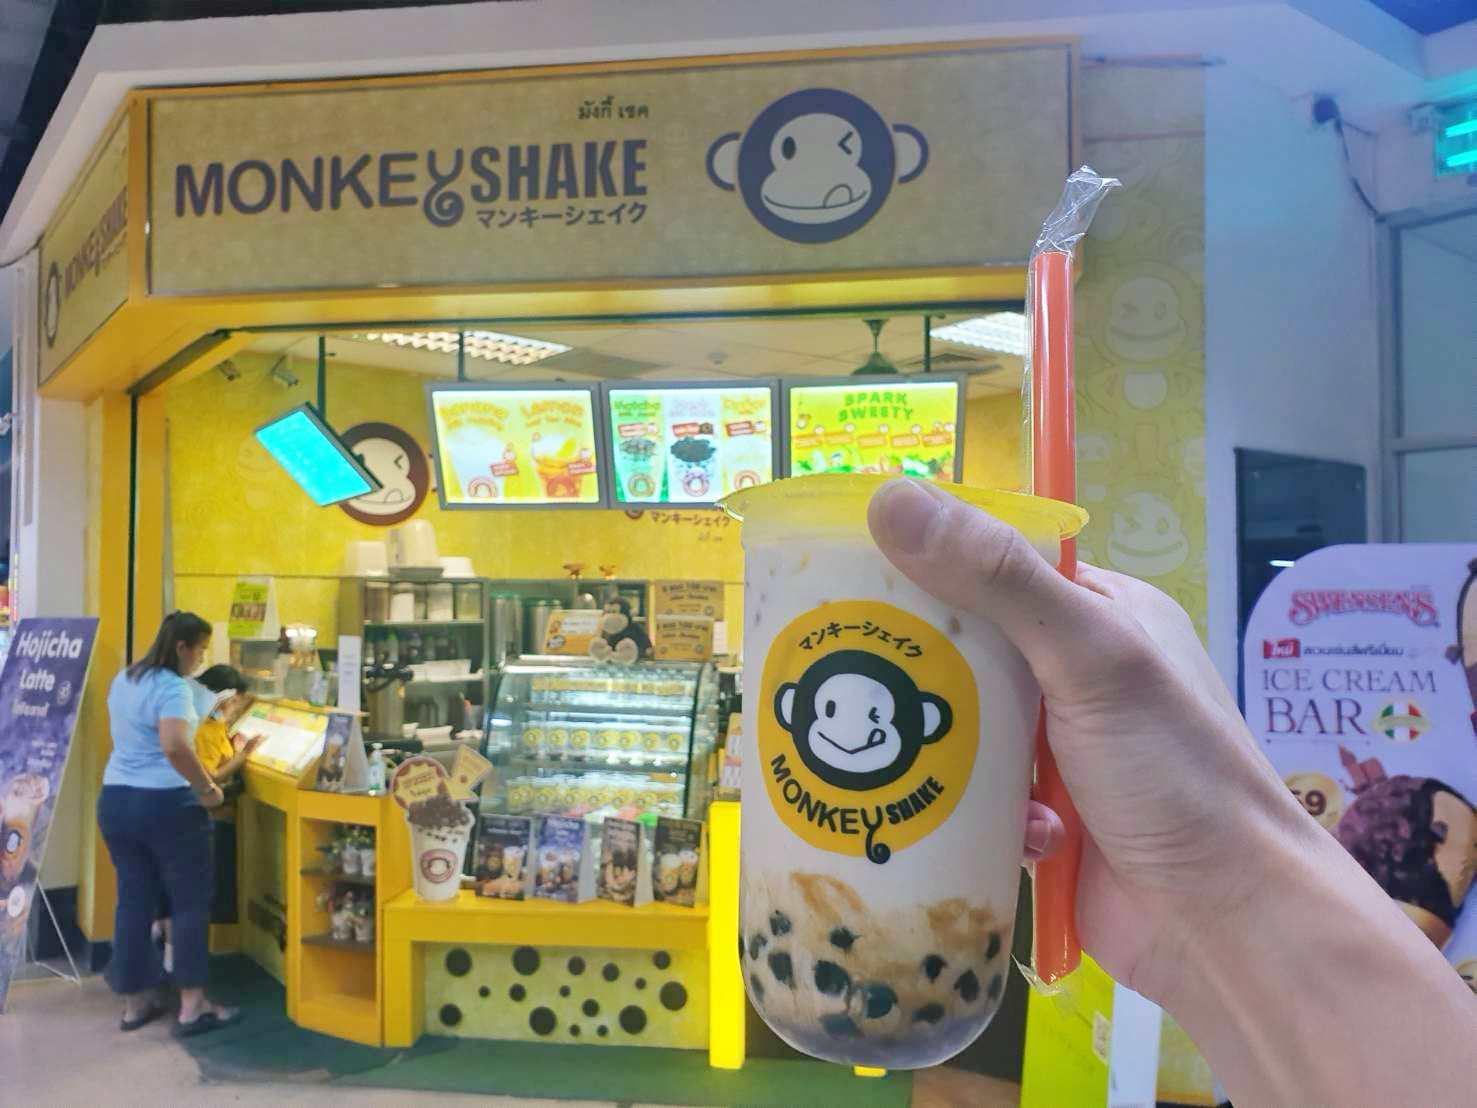 เซ้ง!! ร้านชานมไข่มุก MonkeyShake @โลตัส ประชาชื่น (บางซื่อ) ชั้น 1